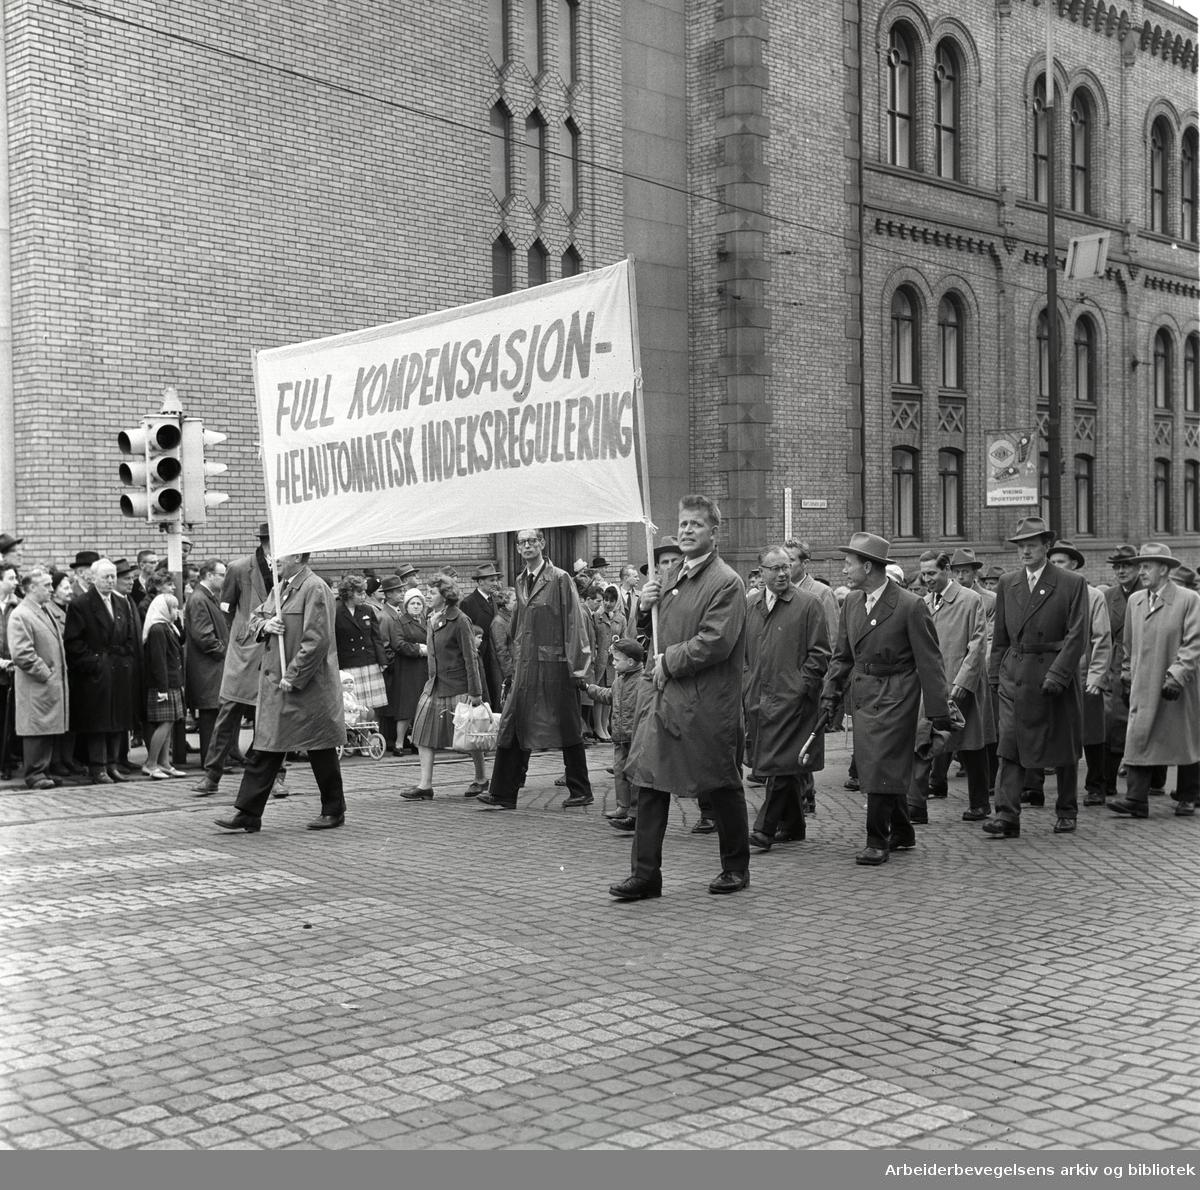 1. mai 1963 i Oslo.Demonstrasjonstog arrangert av Komiteen for faglig enhet med støtte av Sosialistisk Folkeparti (SF) og Norges Kommunistiske Parti (NKP).Parole: Full kompensasjon - helautomtatisk indeksregulering.